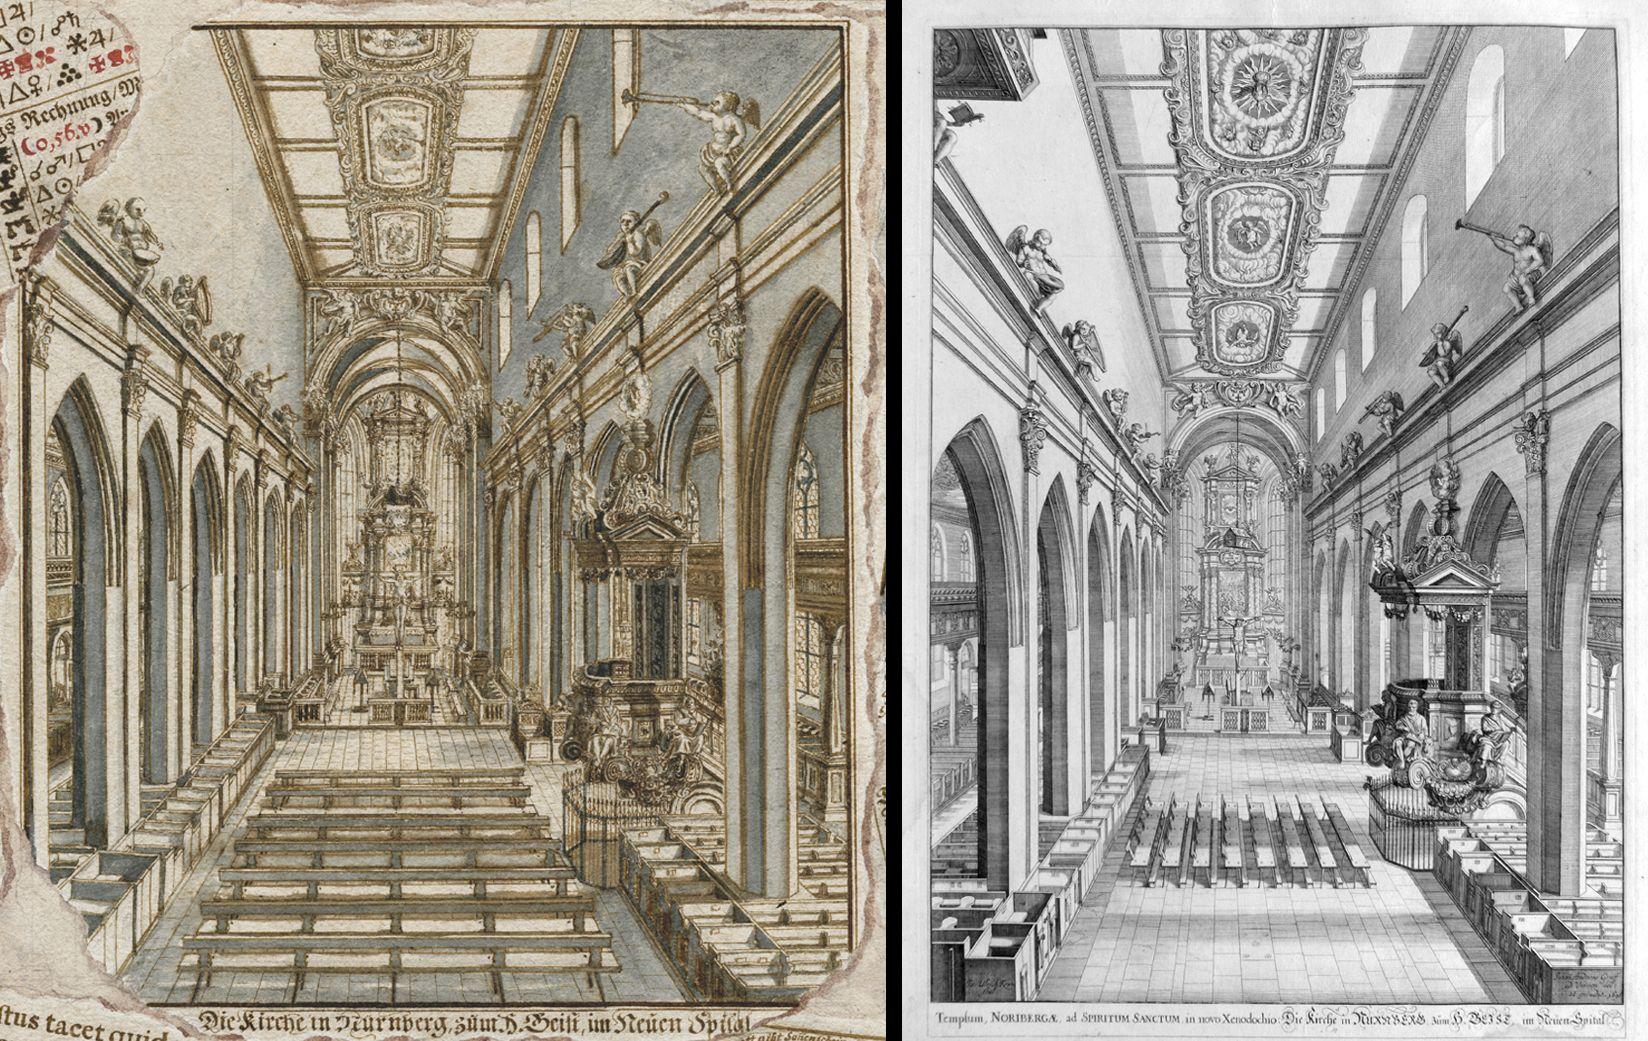 Quodlibet zum Heilig-Geist-Spital links Innenansicht der Spitalkirche auf dem Quodlibet, rechts die Vorlage von Johann Andreas Graff aus dem Jahre 1696